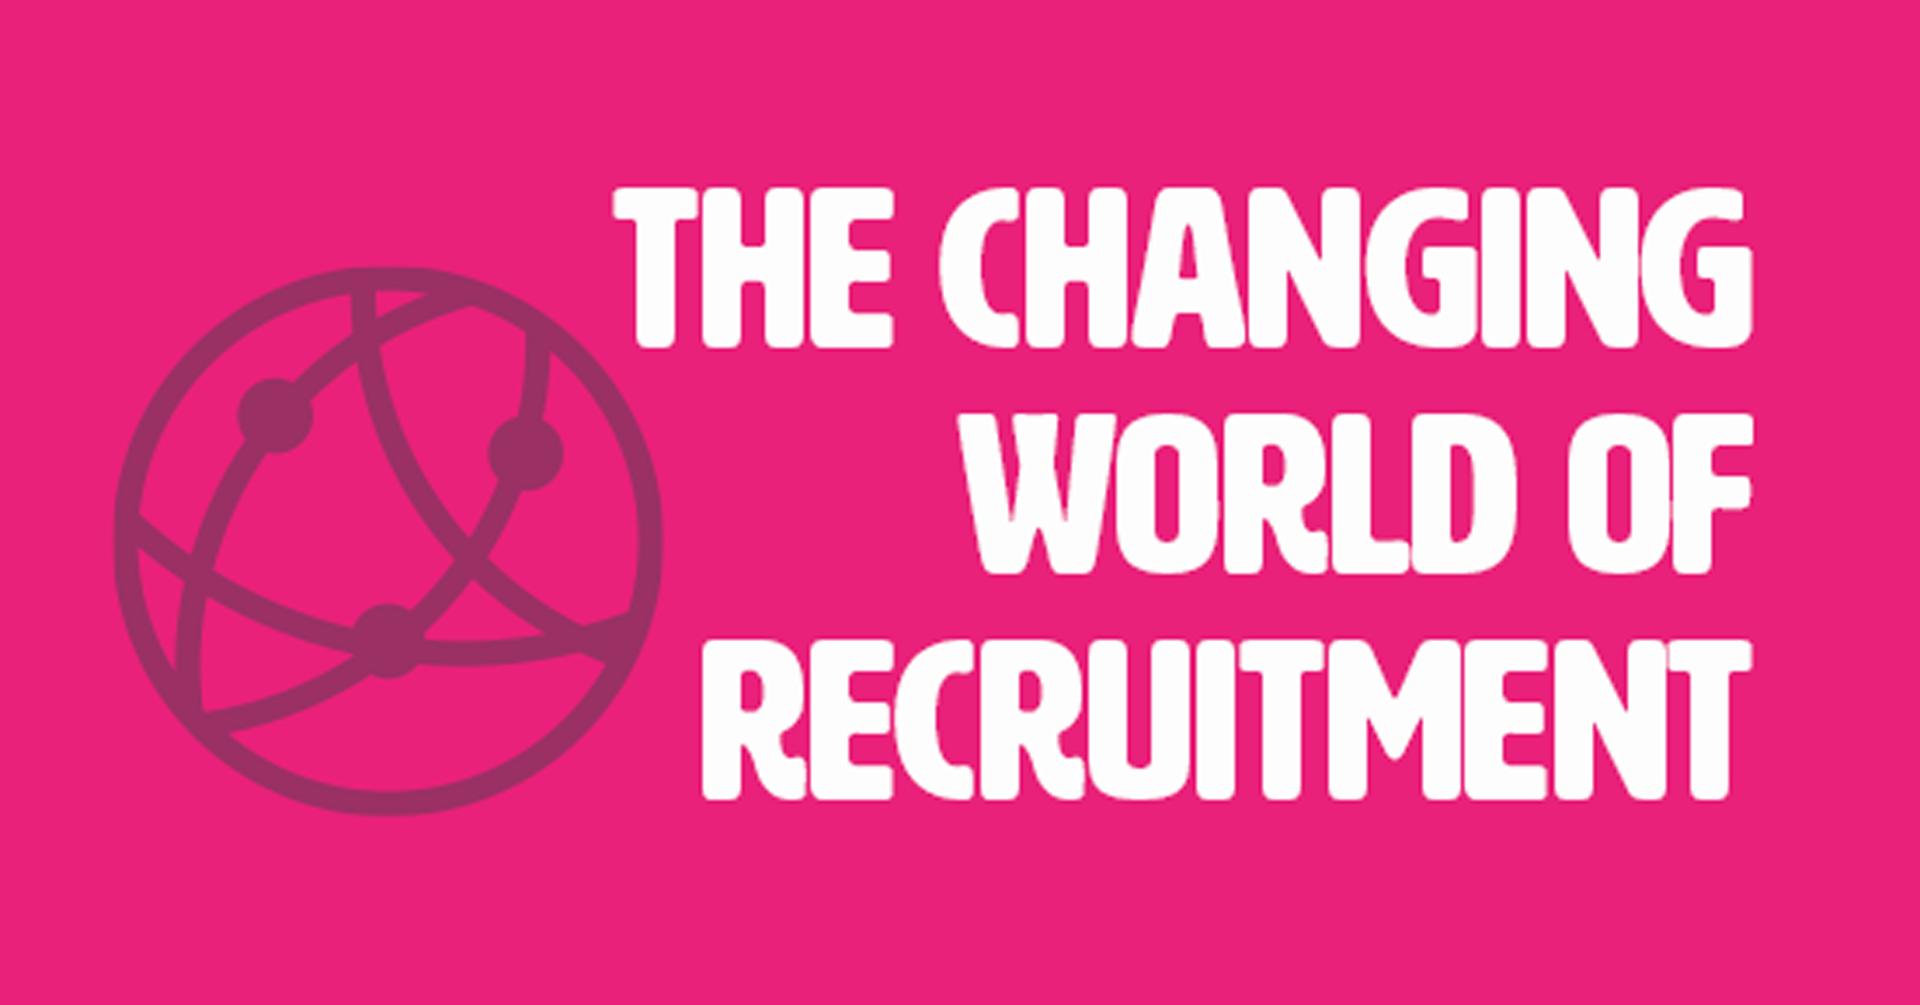 Blog-changing-recruitment-header-